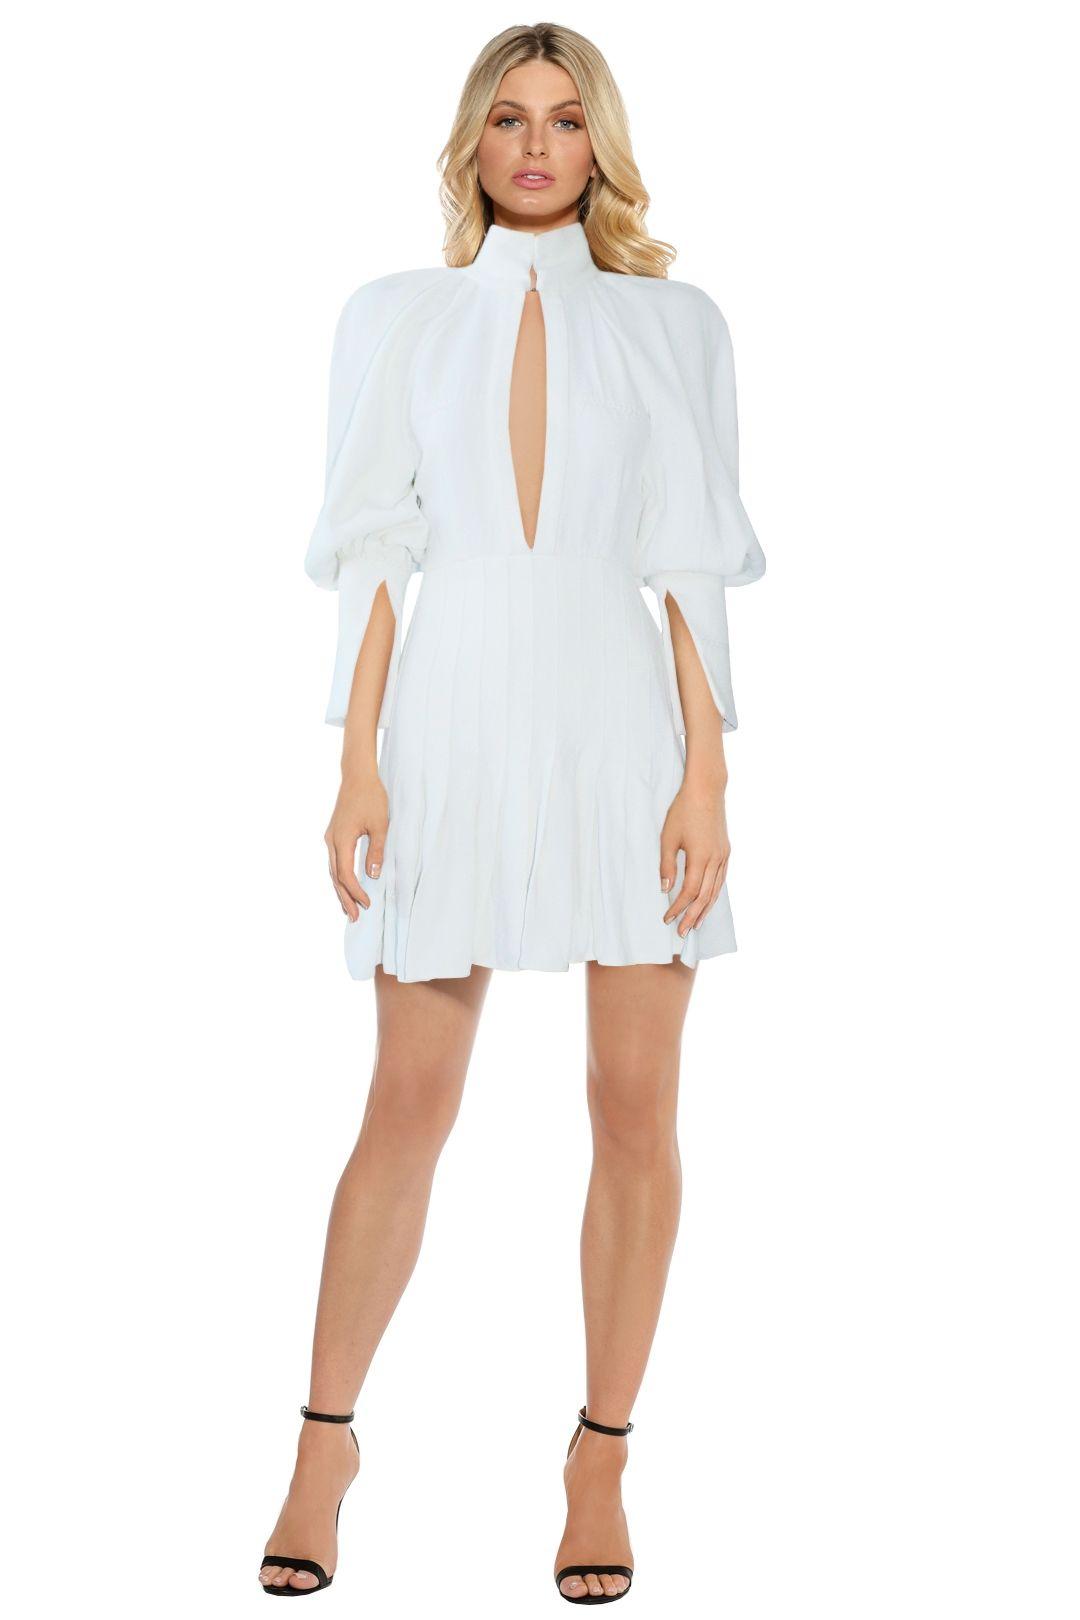 Ellery - Butler Voluminous Sleeve Dress - White - Front